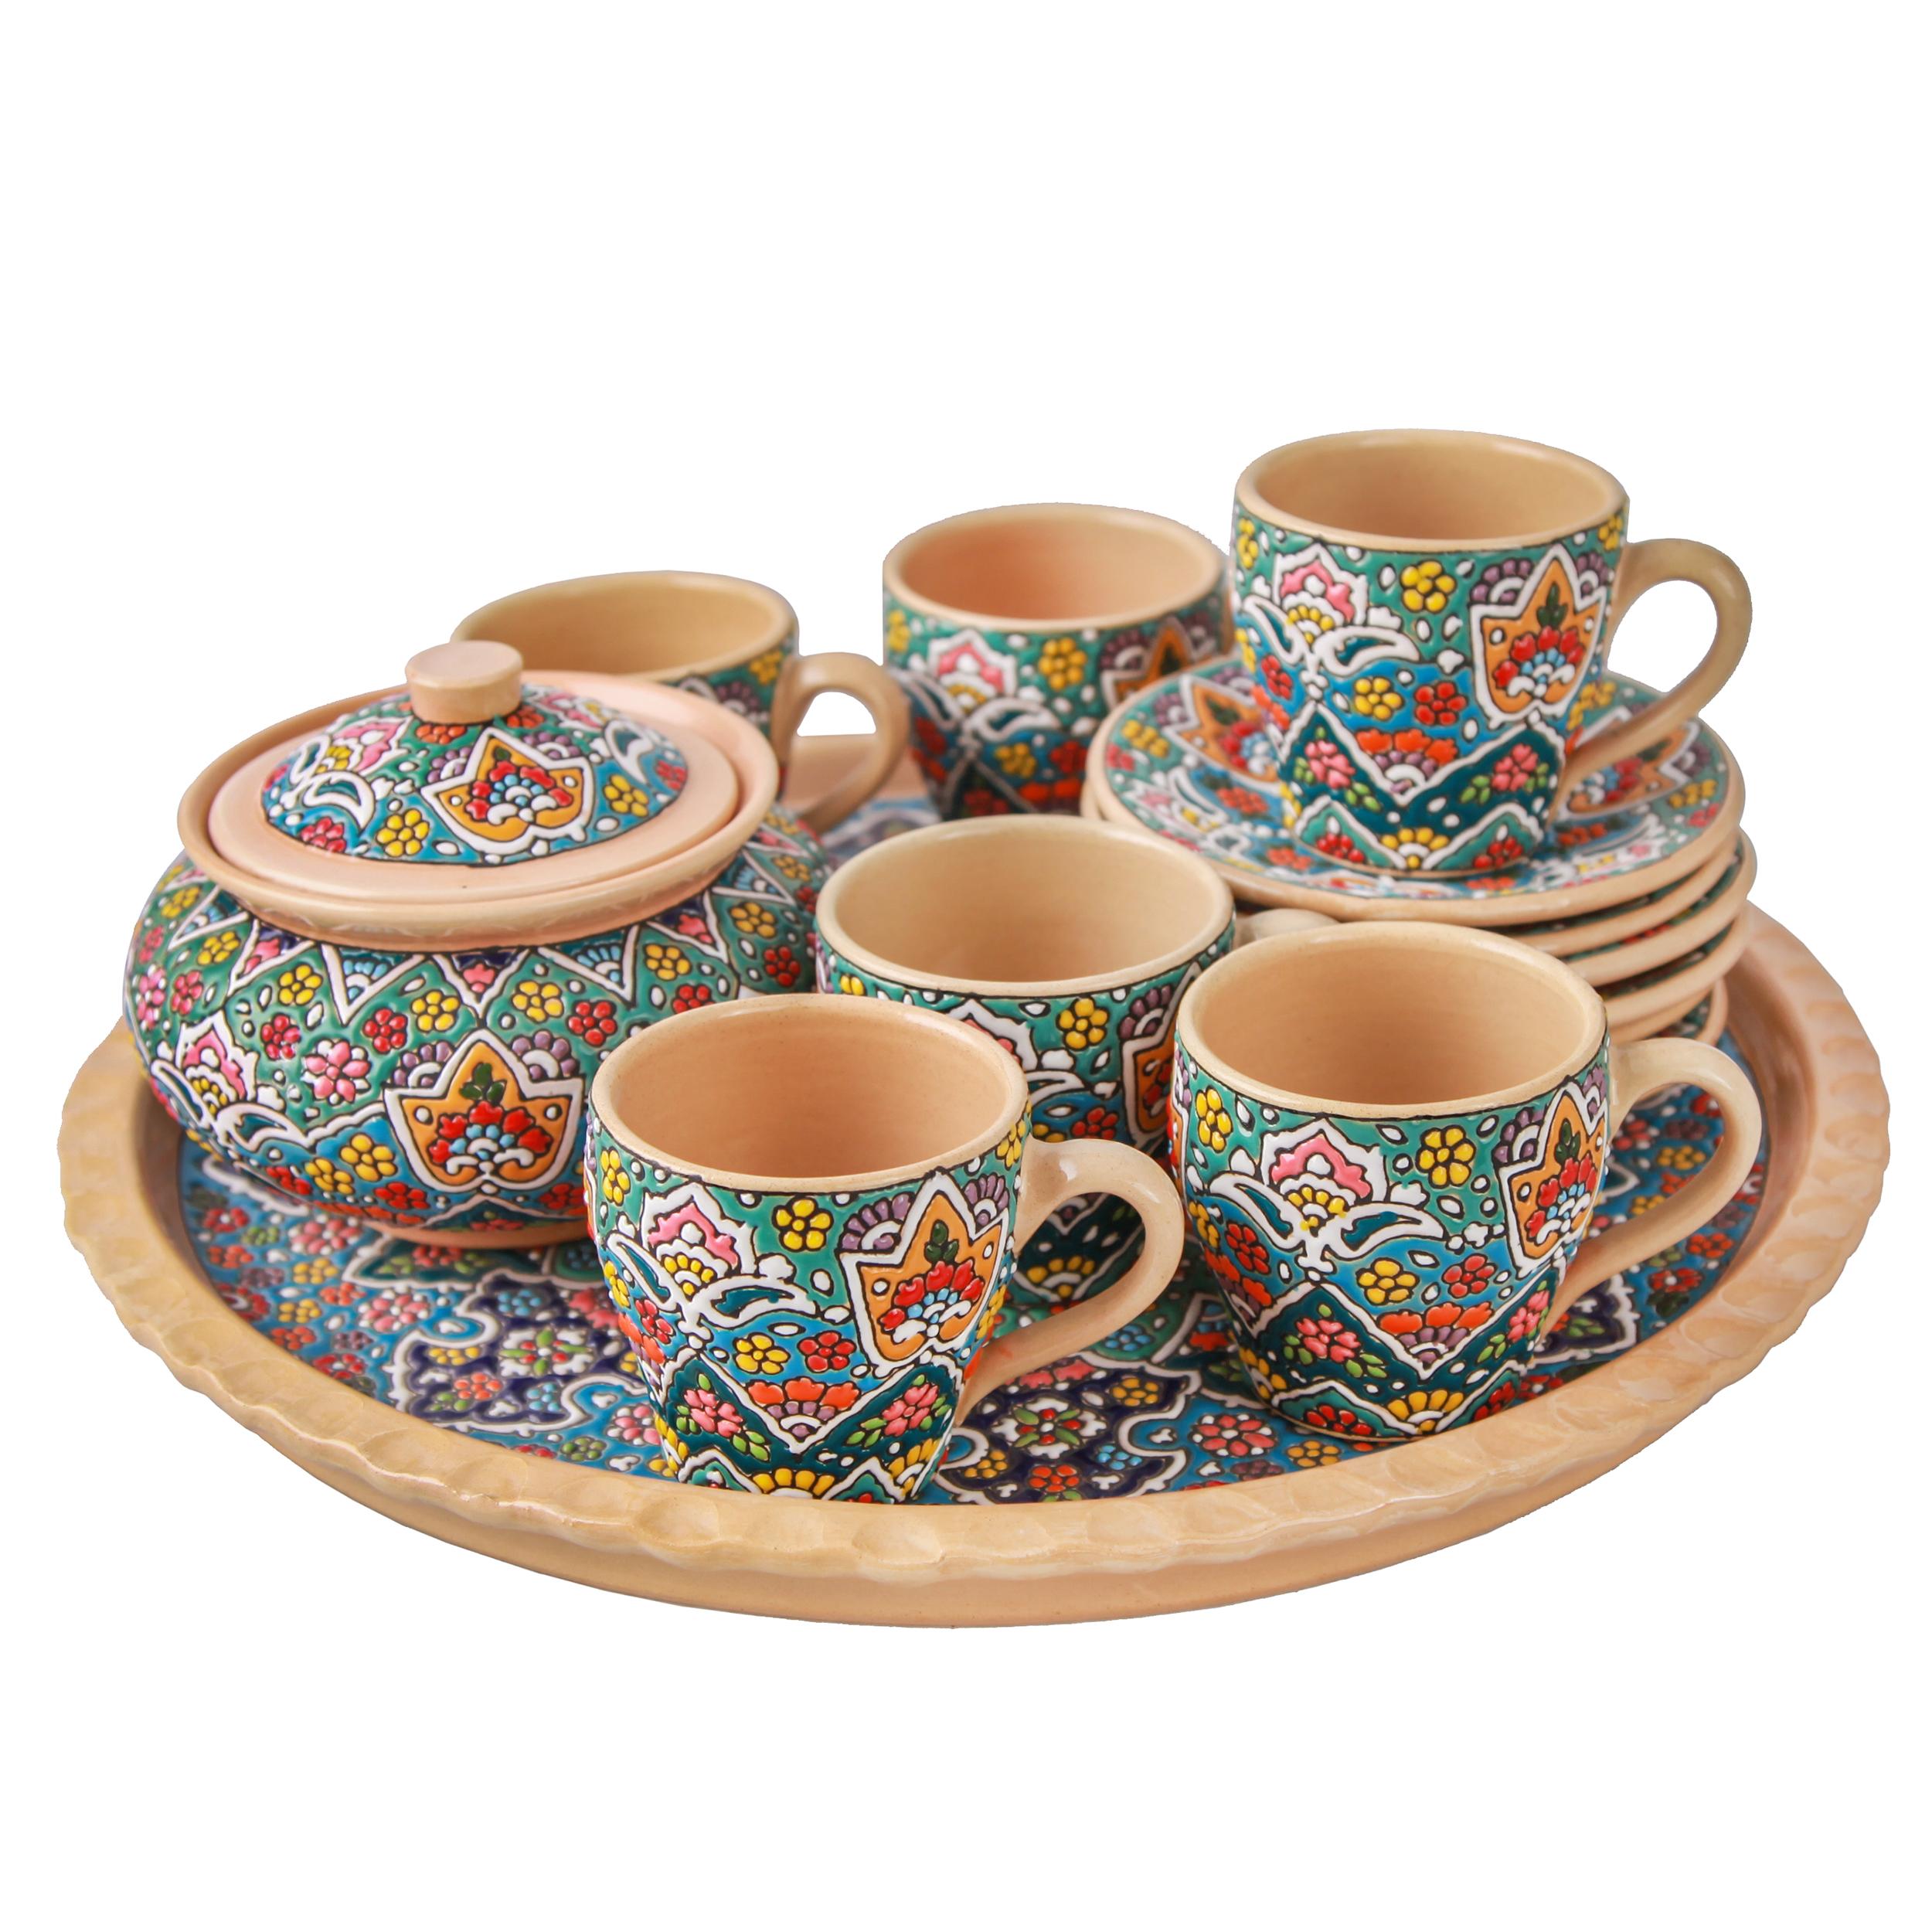 سرویس چای خوری میناکاری سفالی هیراد کد 79102